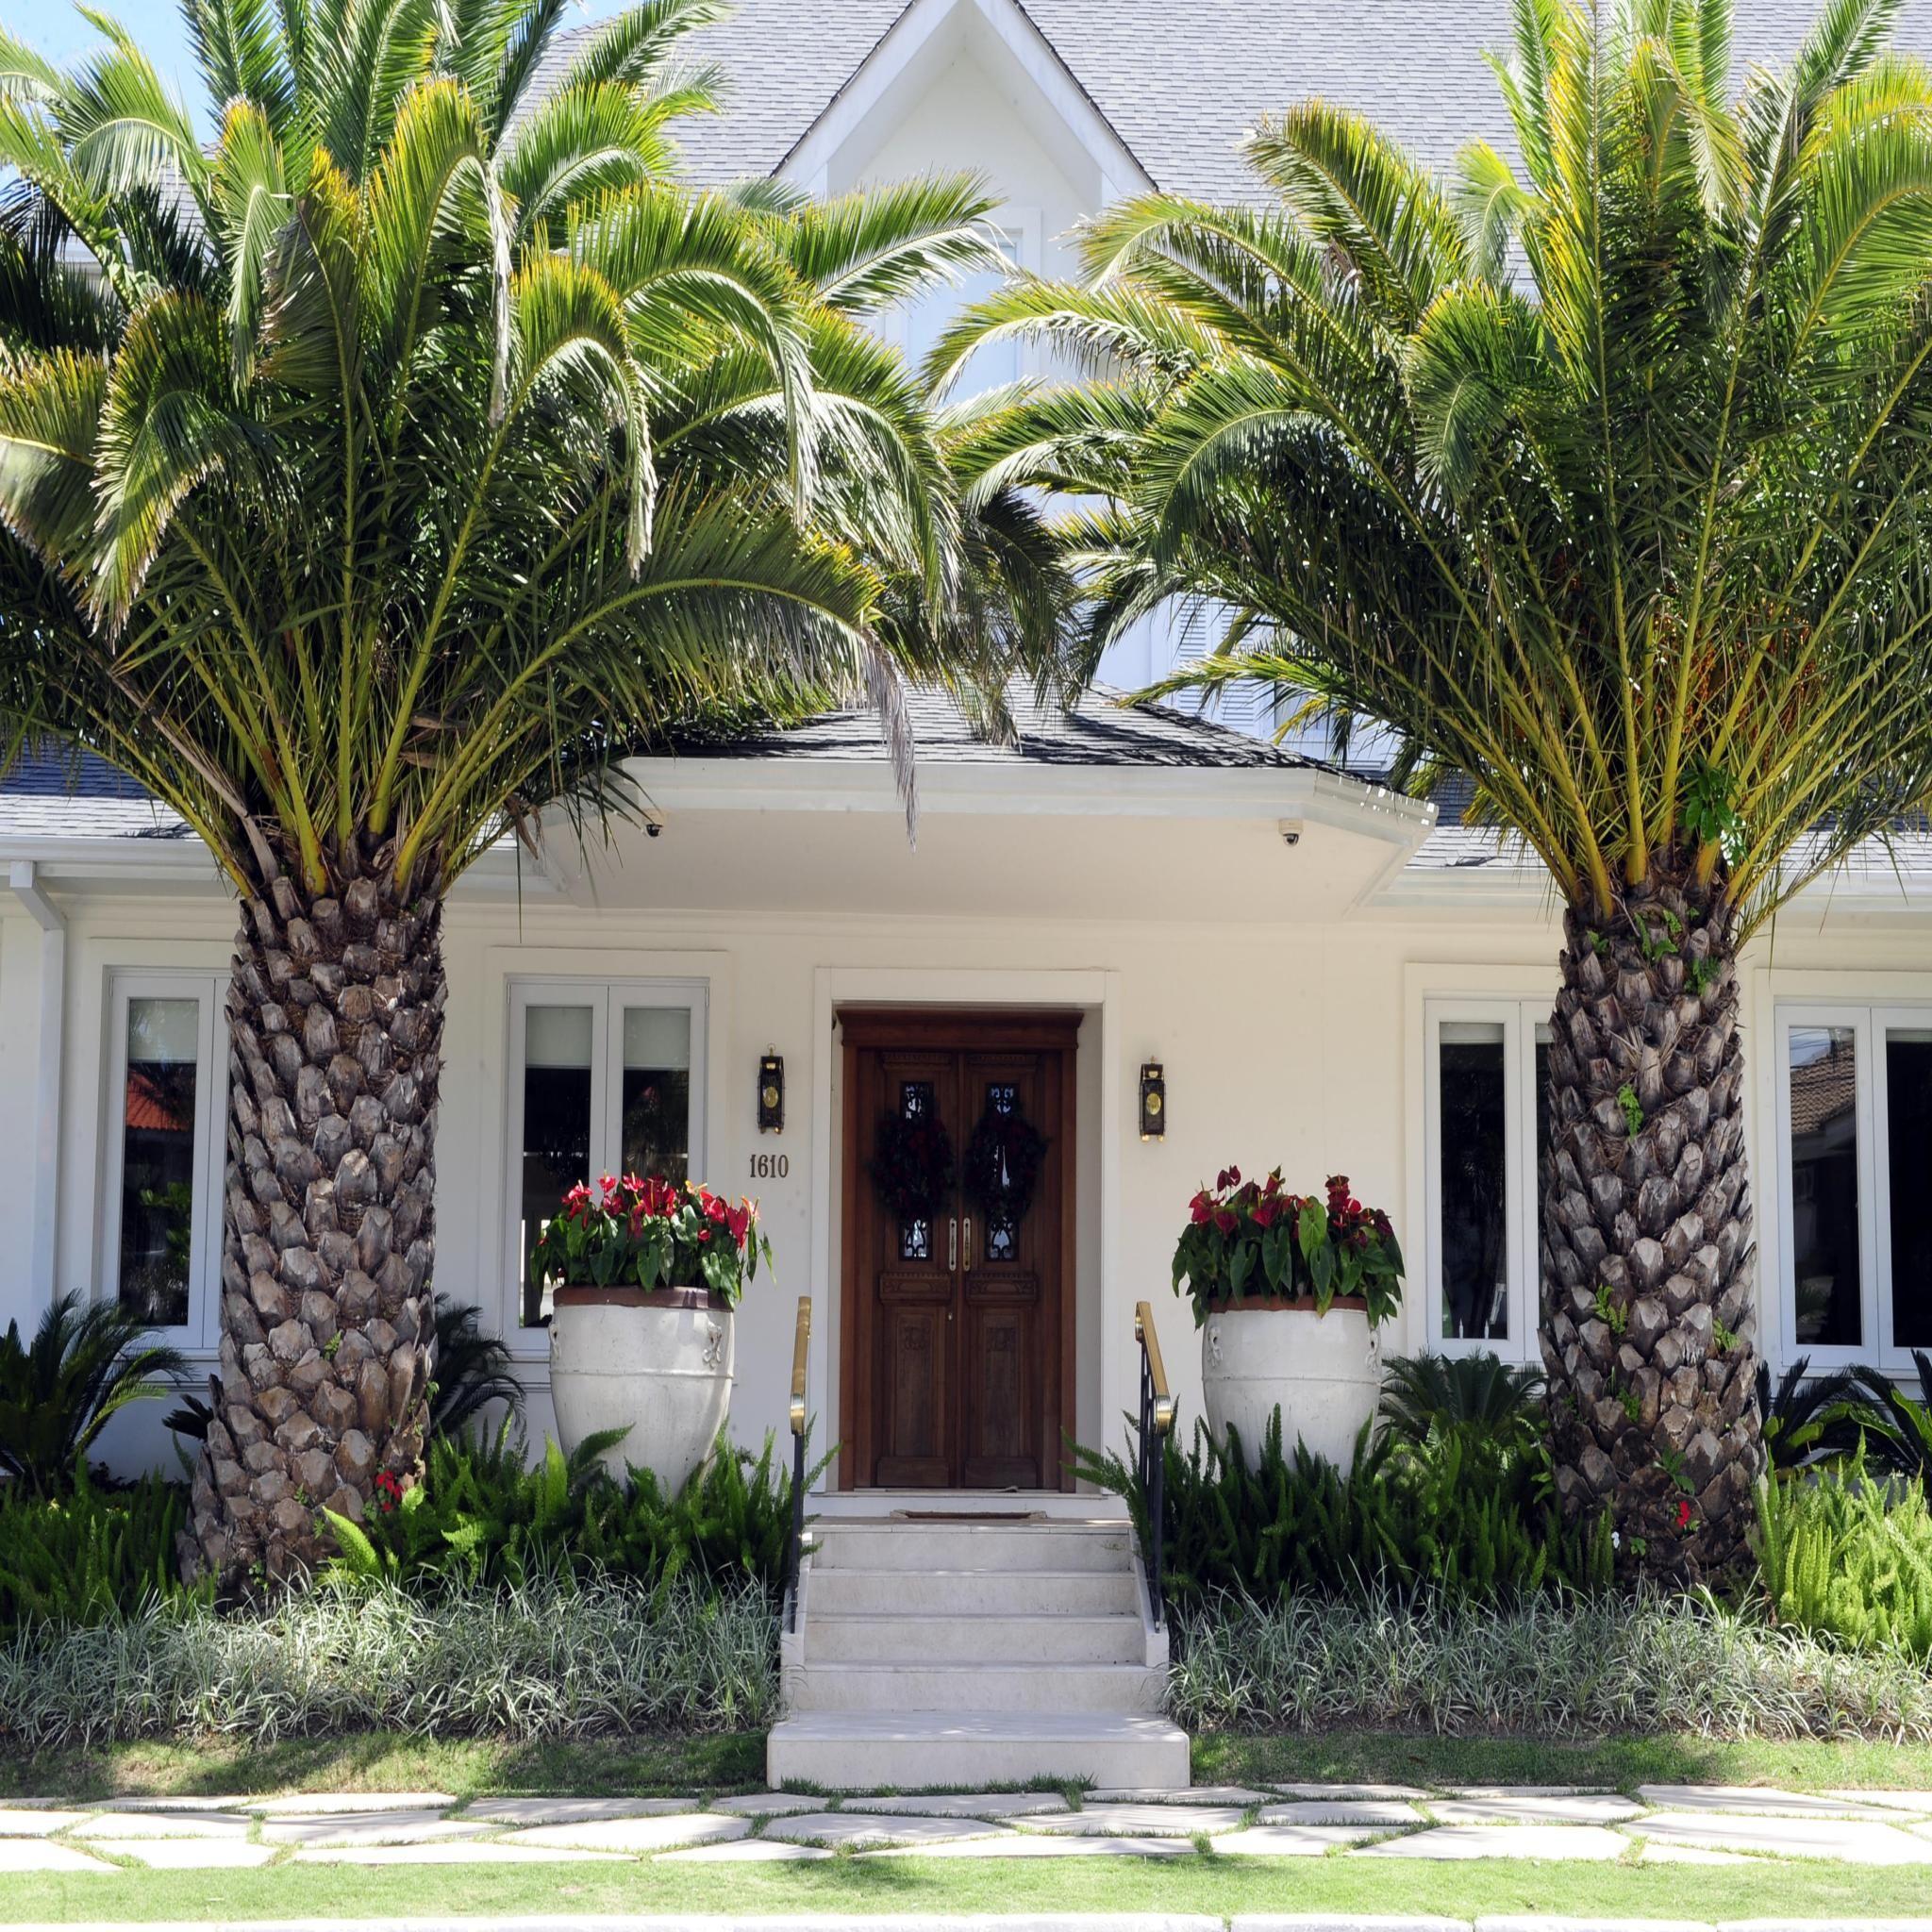 Casas Mansiones Rosario Conteras: Pin De JUAN MANUEL Barba Negra En Palms In Garden